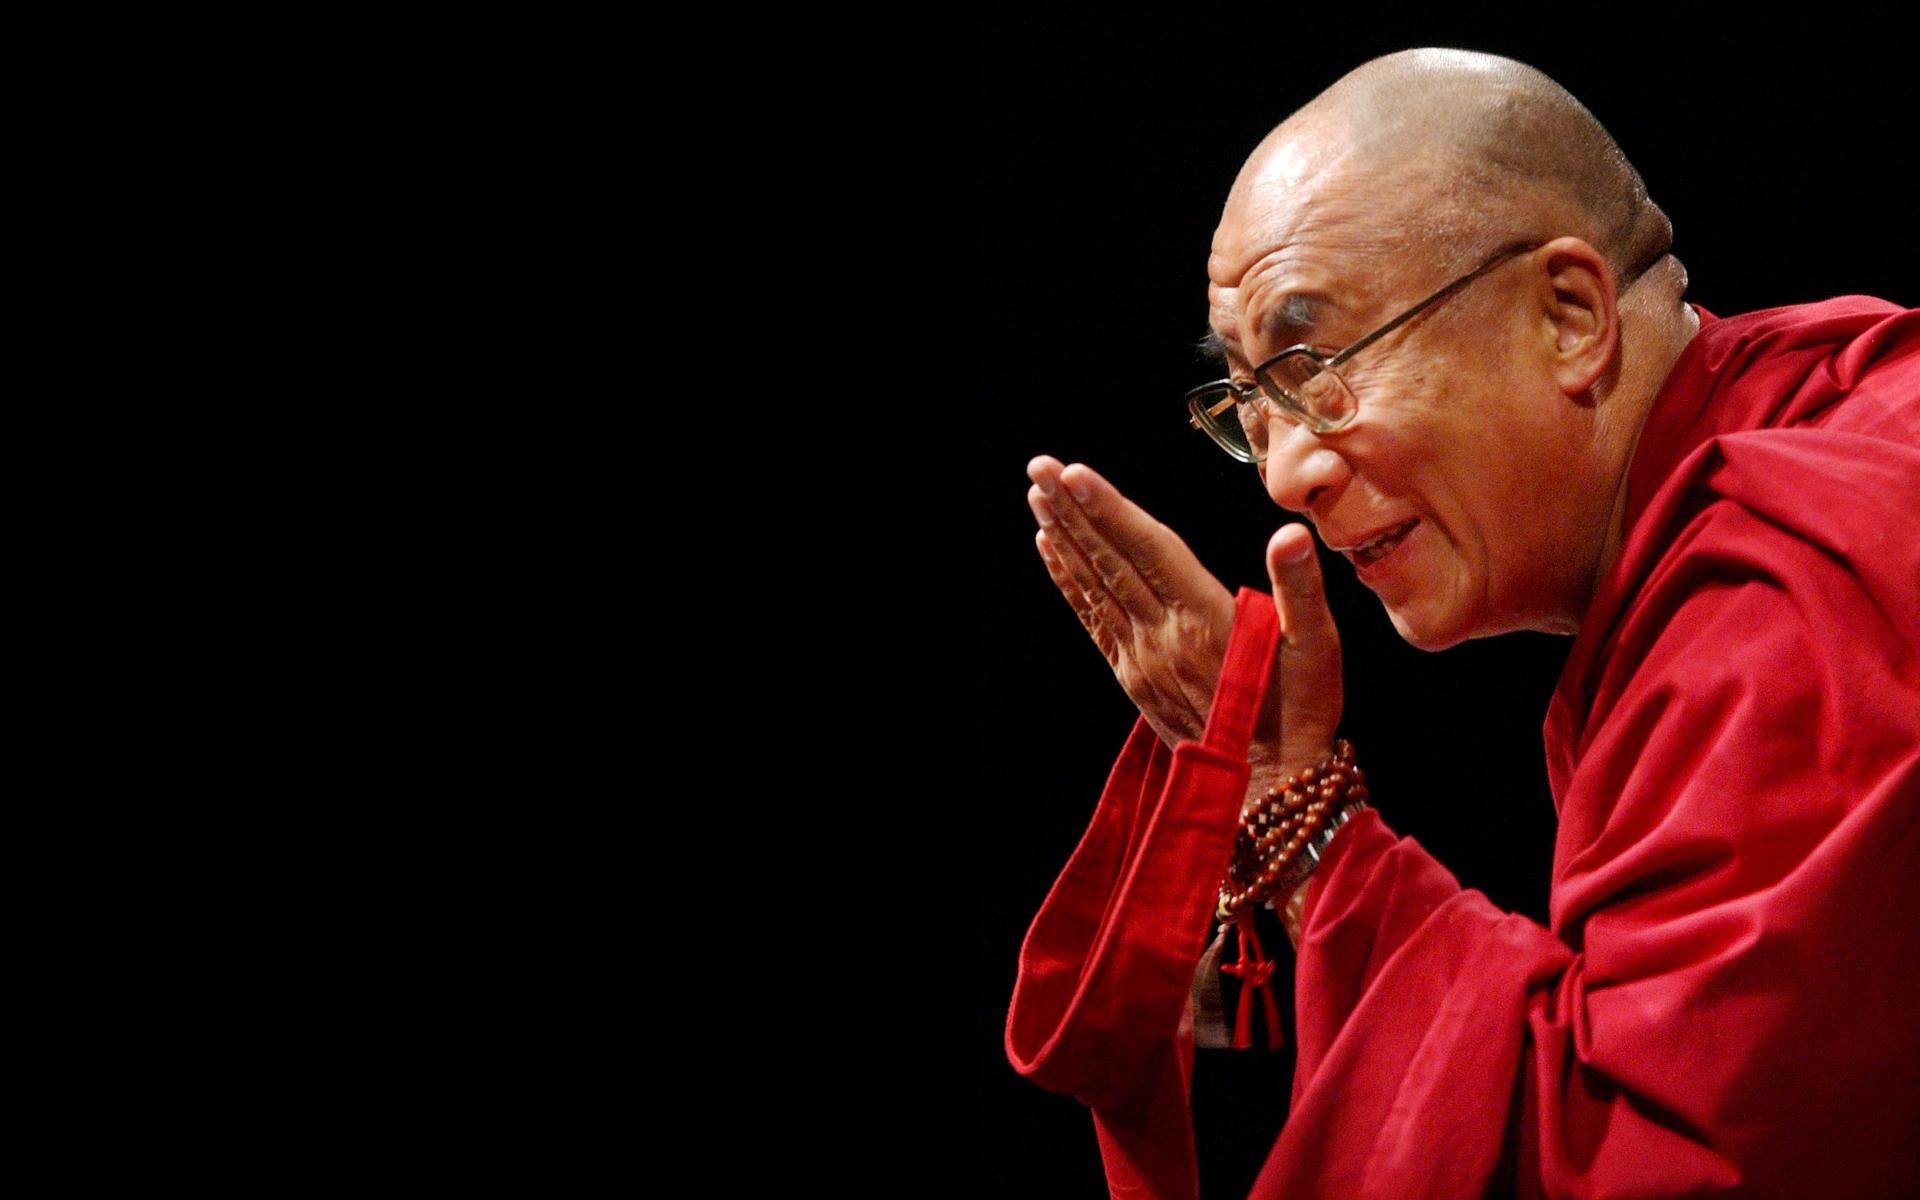 Dalai-lama-sustentabilidade